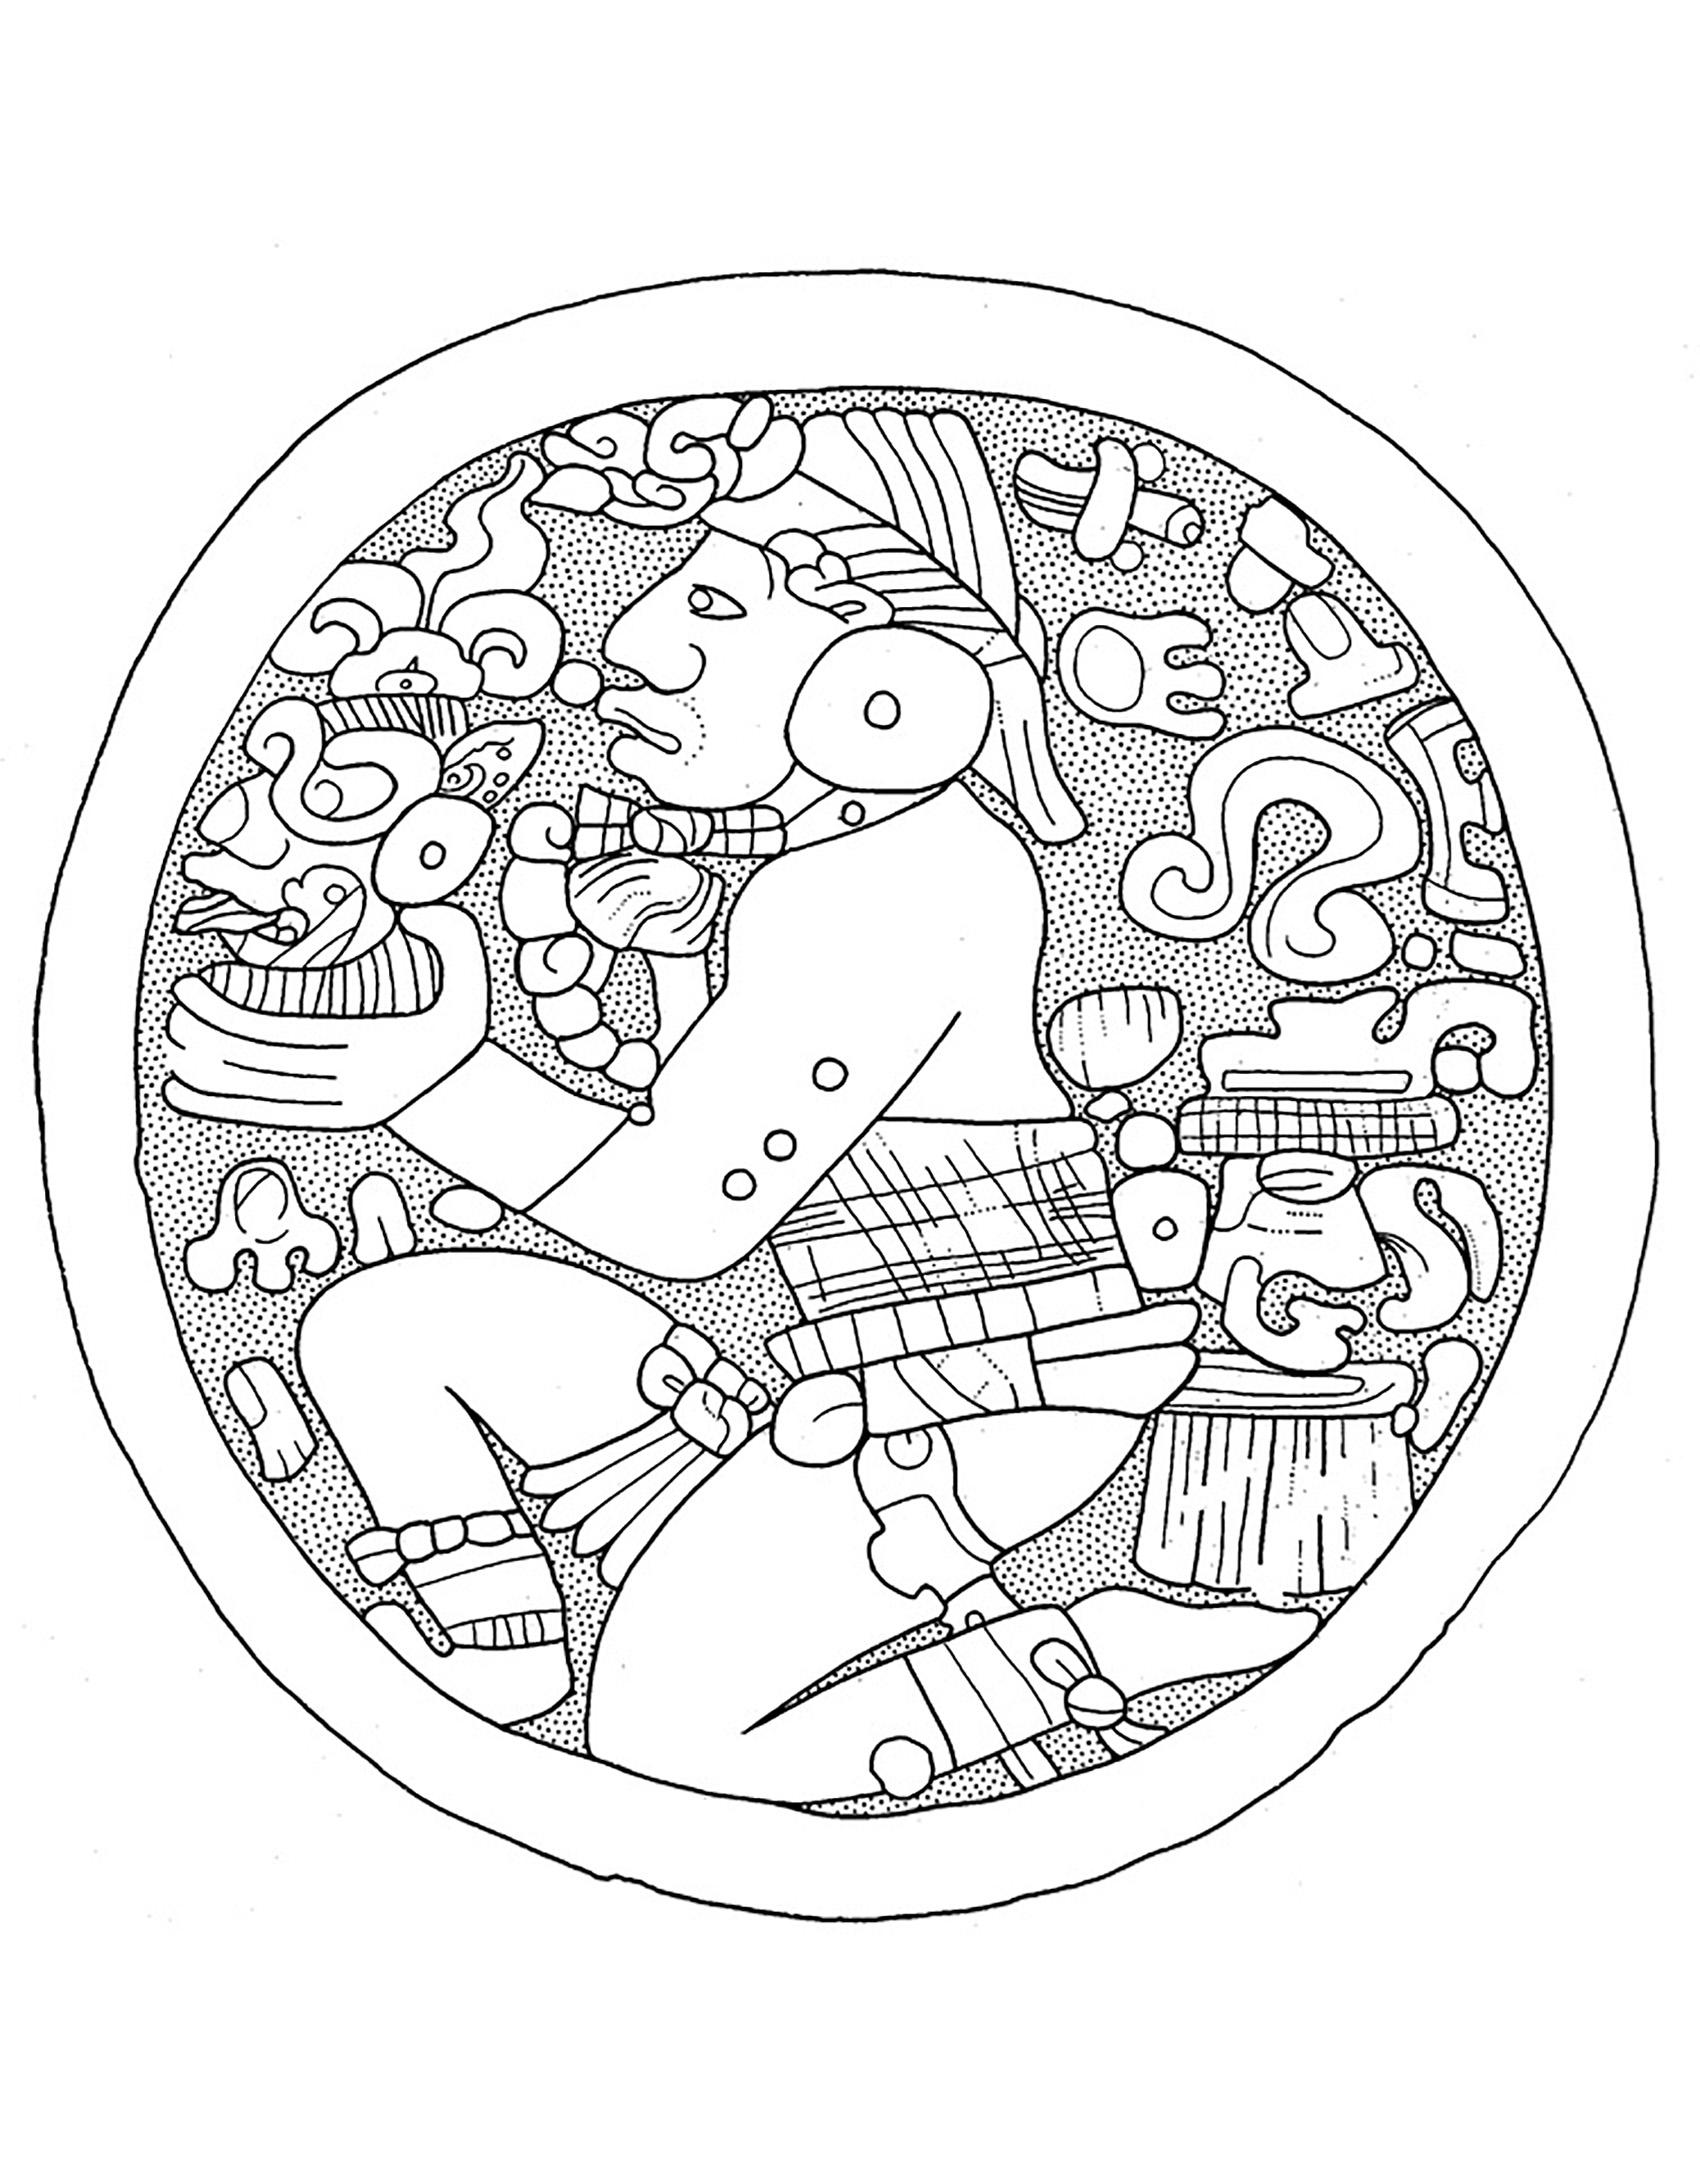 Disegni da colorare per adulti : Maya, Aztechi e Incas - 20